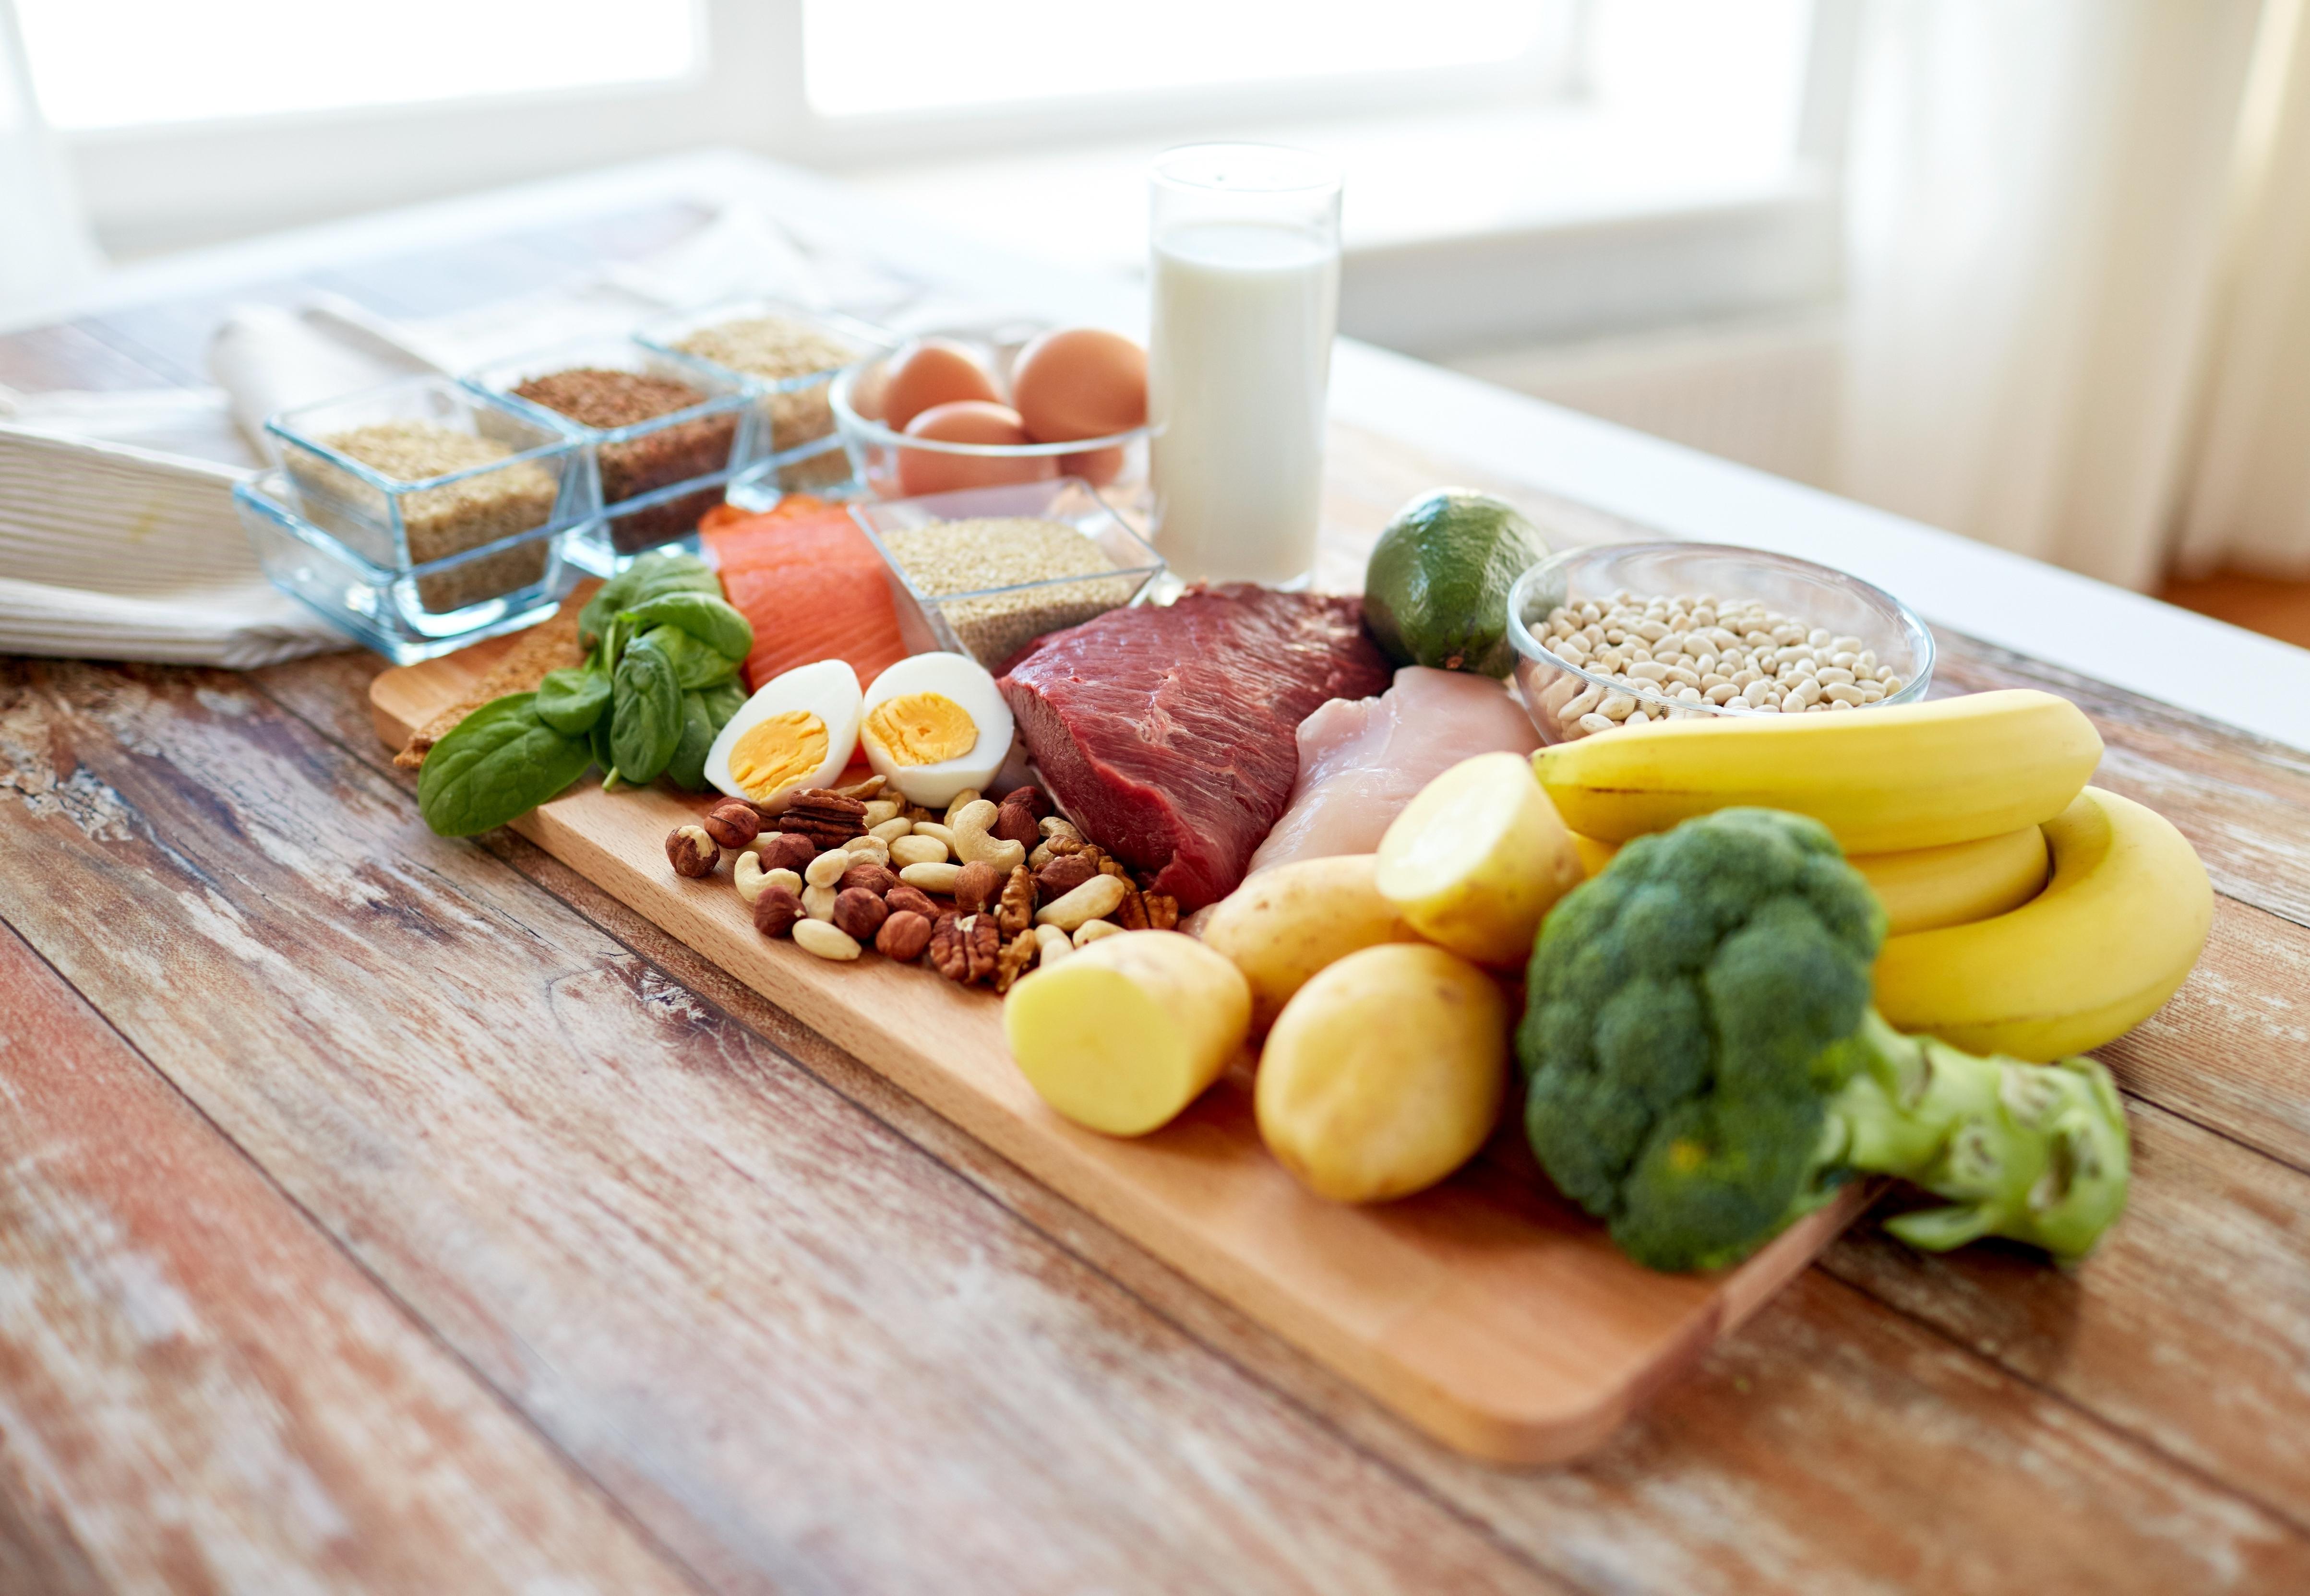 ¿Sabes aprovechar los nutrientes de los alimentos?